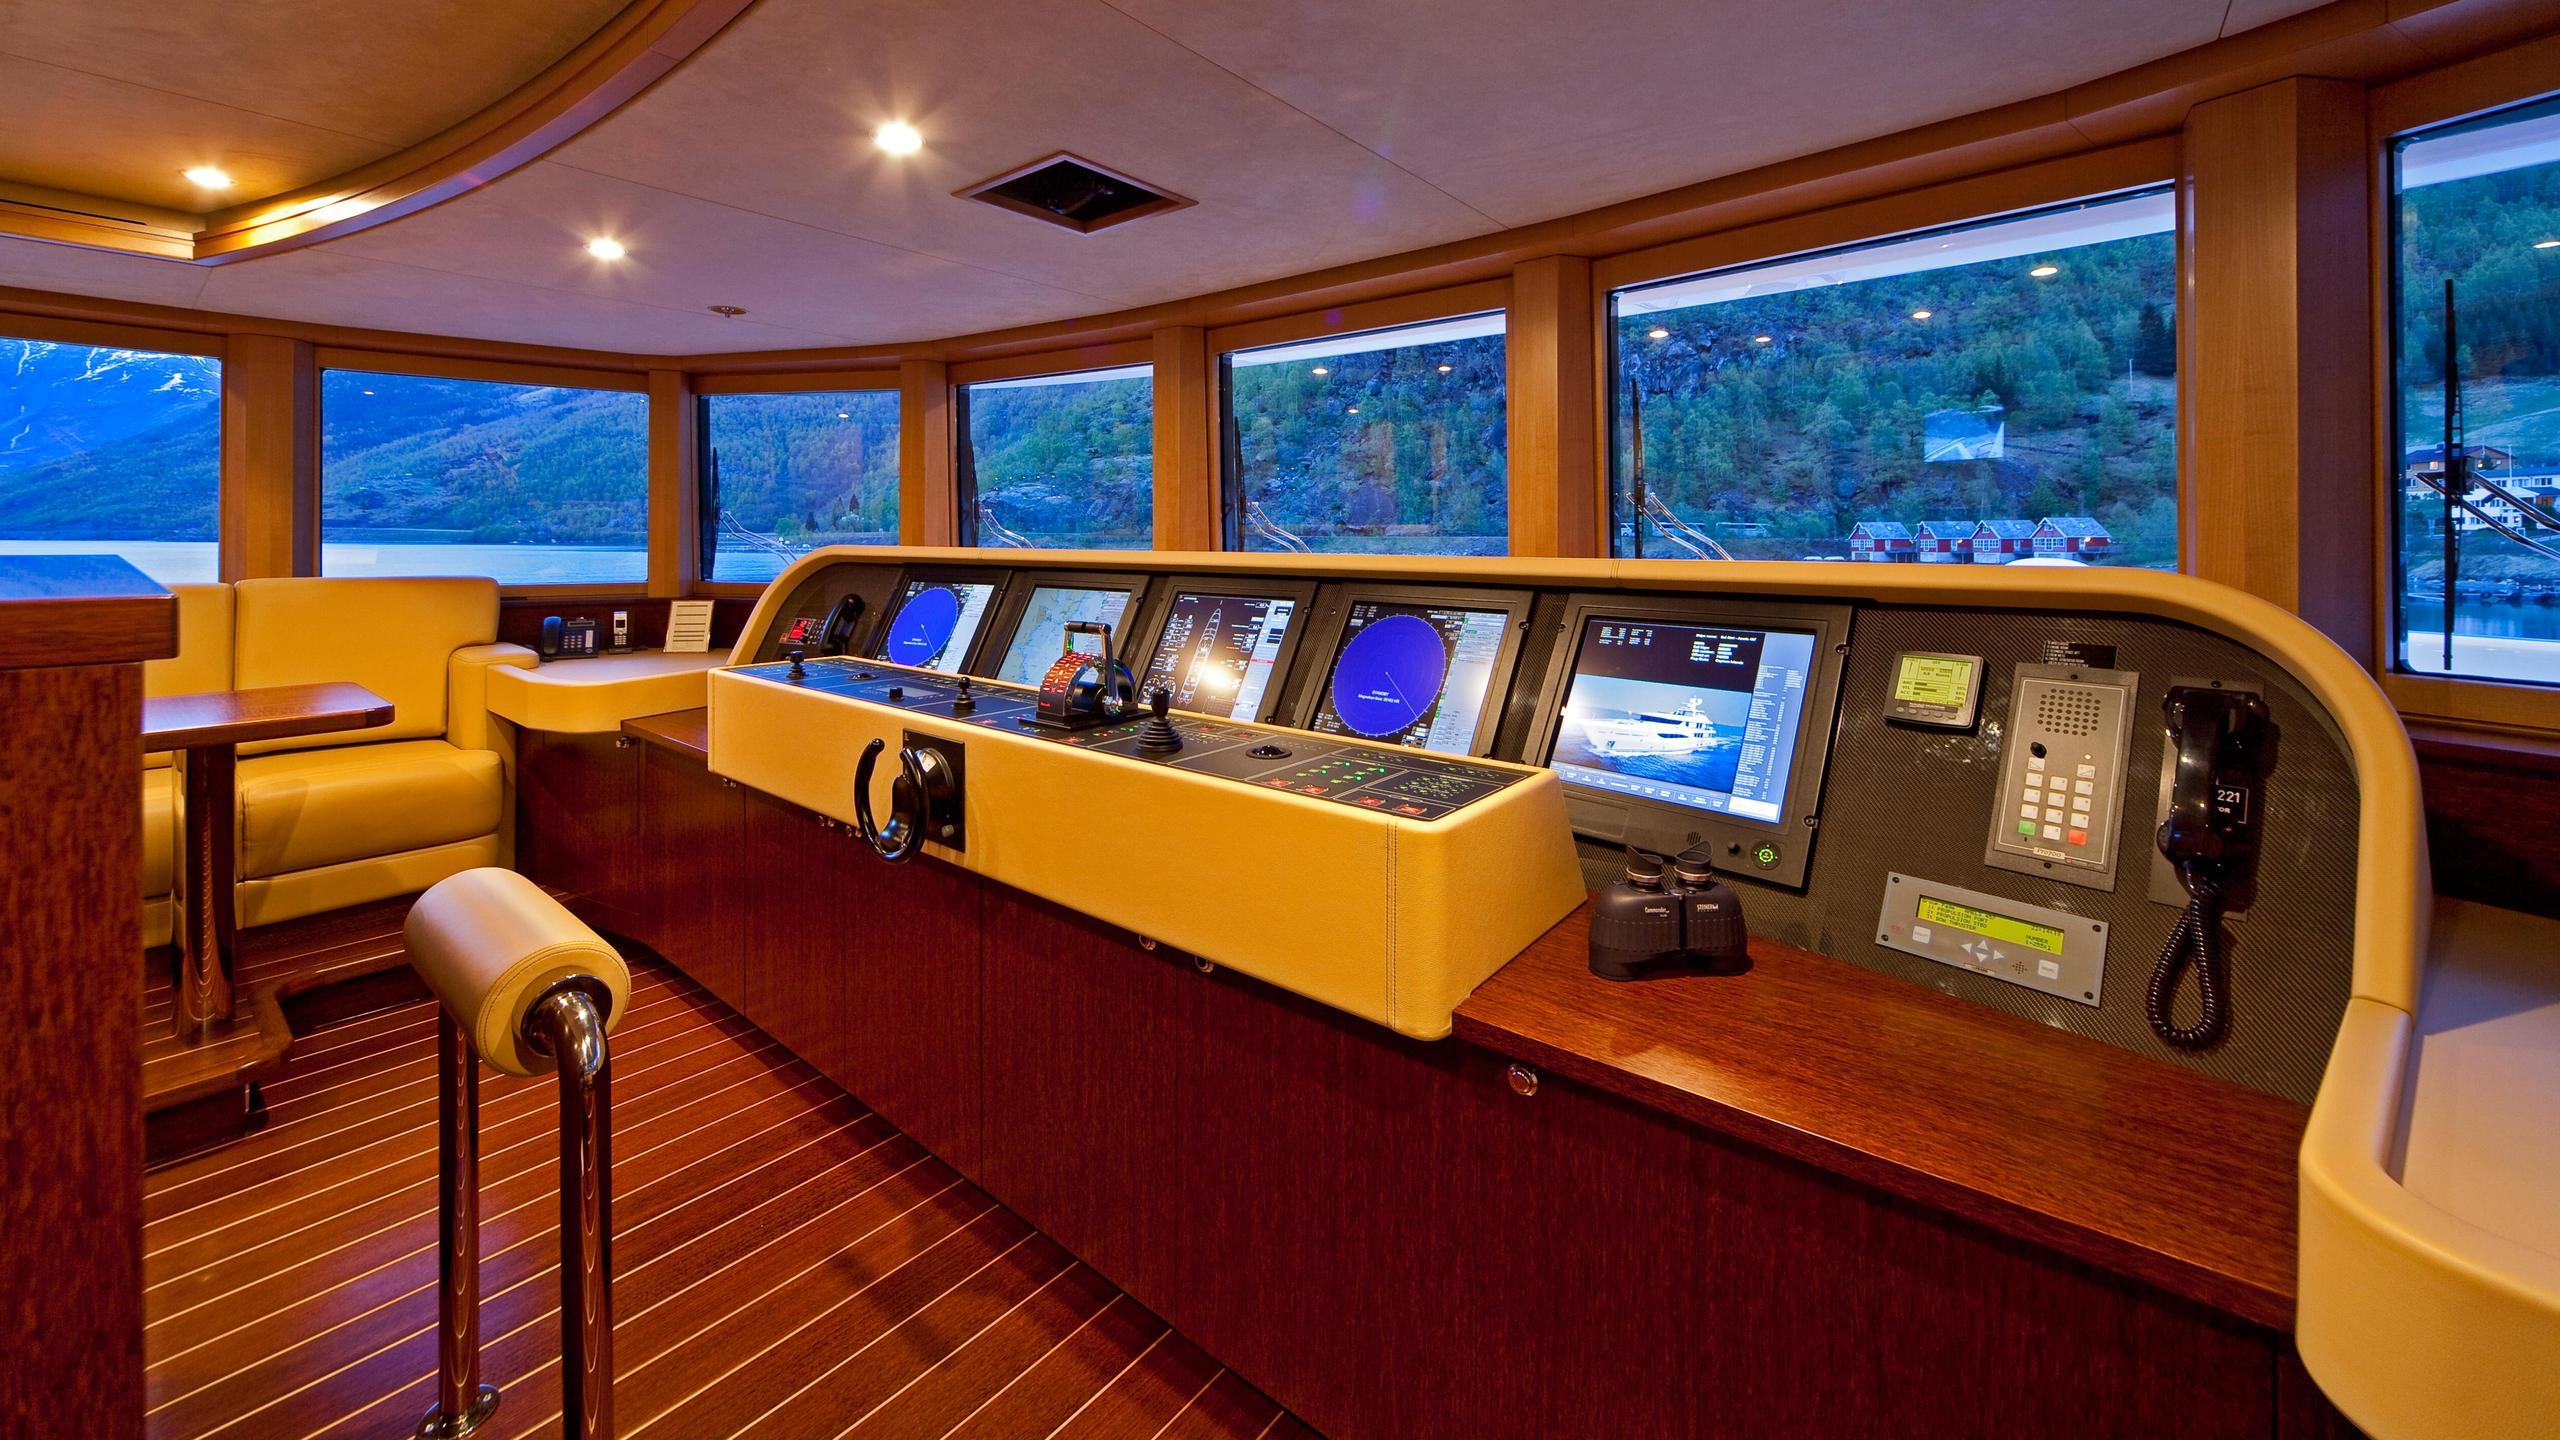 april-motor-yacht-amels-le-171-2010-52m-bridge